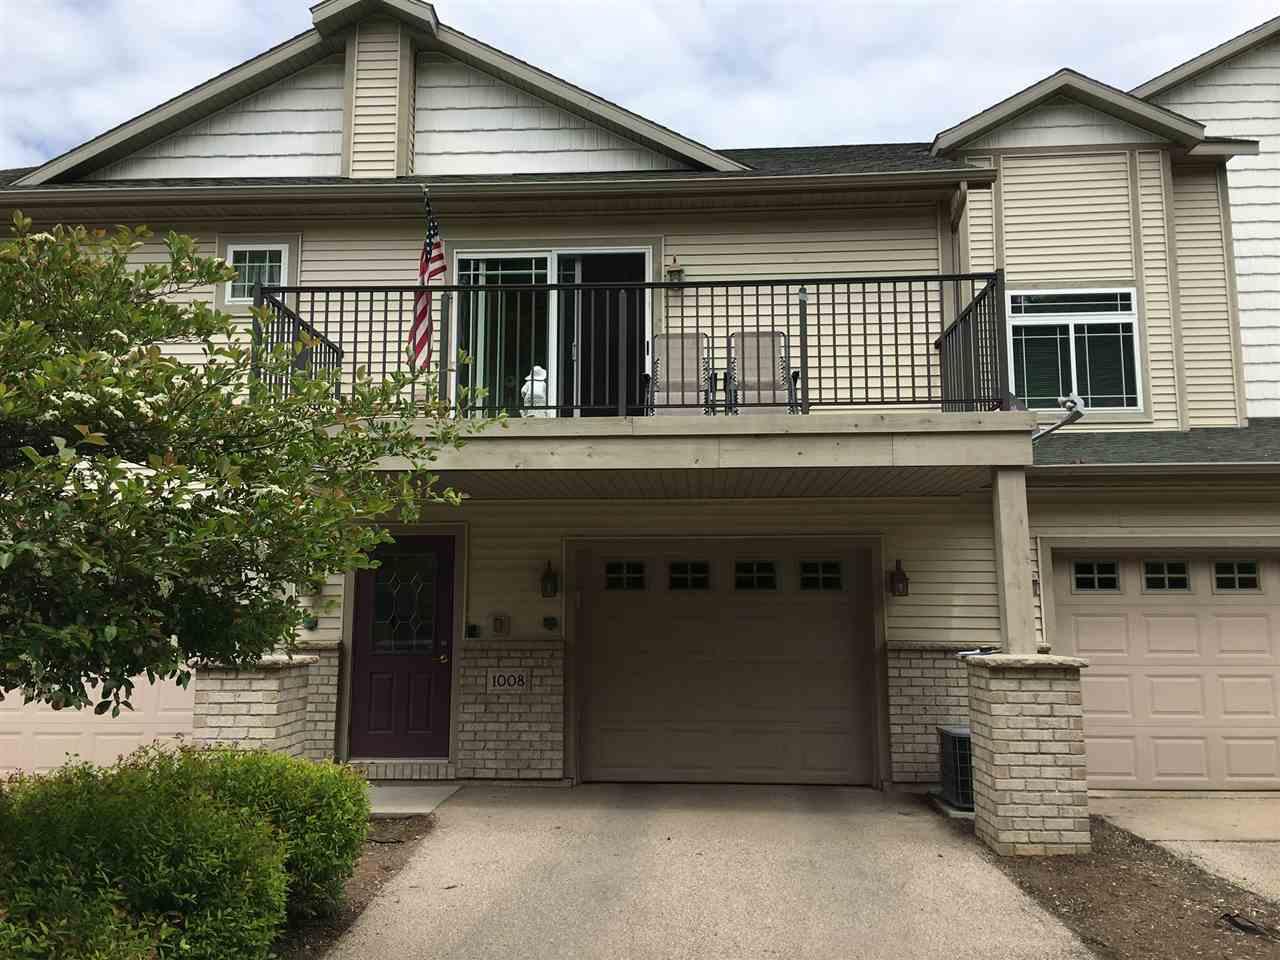 View Condo For Sale at 1008 MALLARD WAY, Marinette, WI